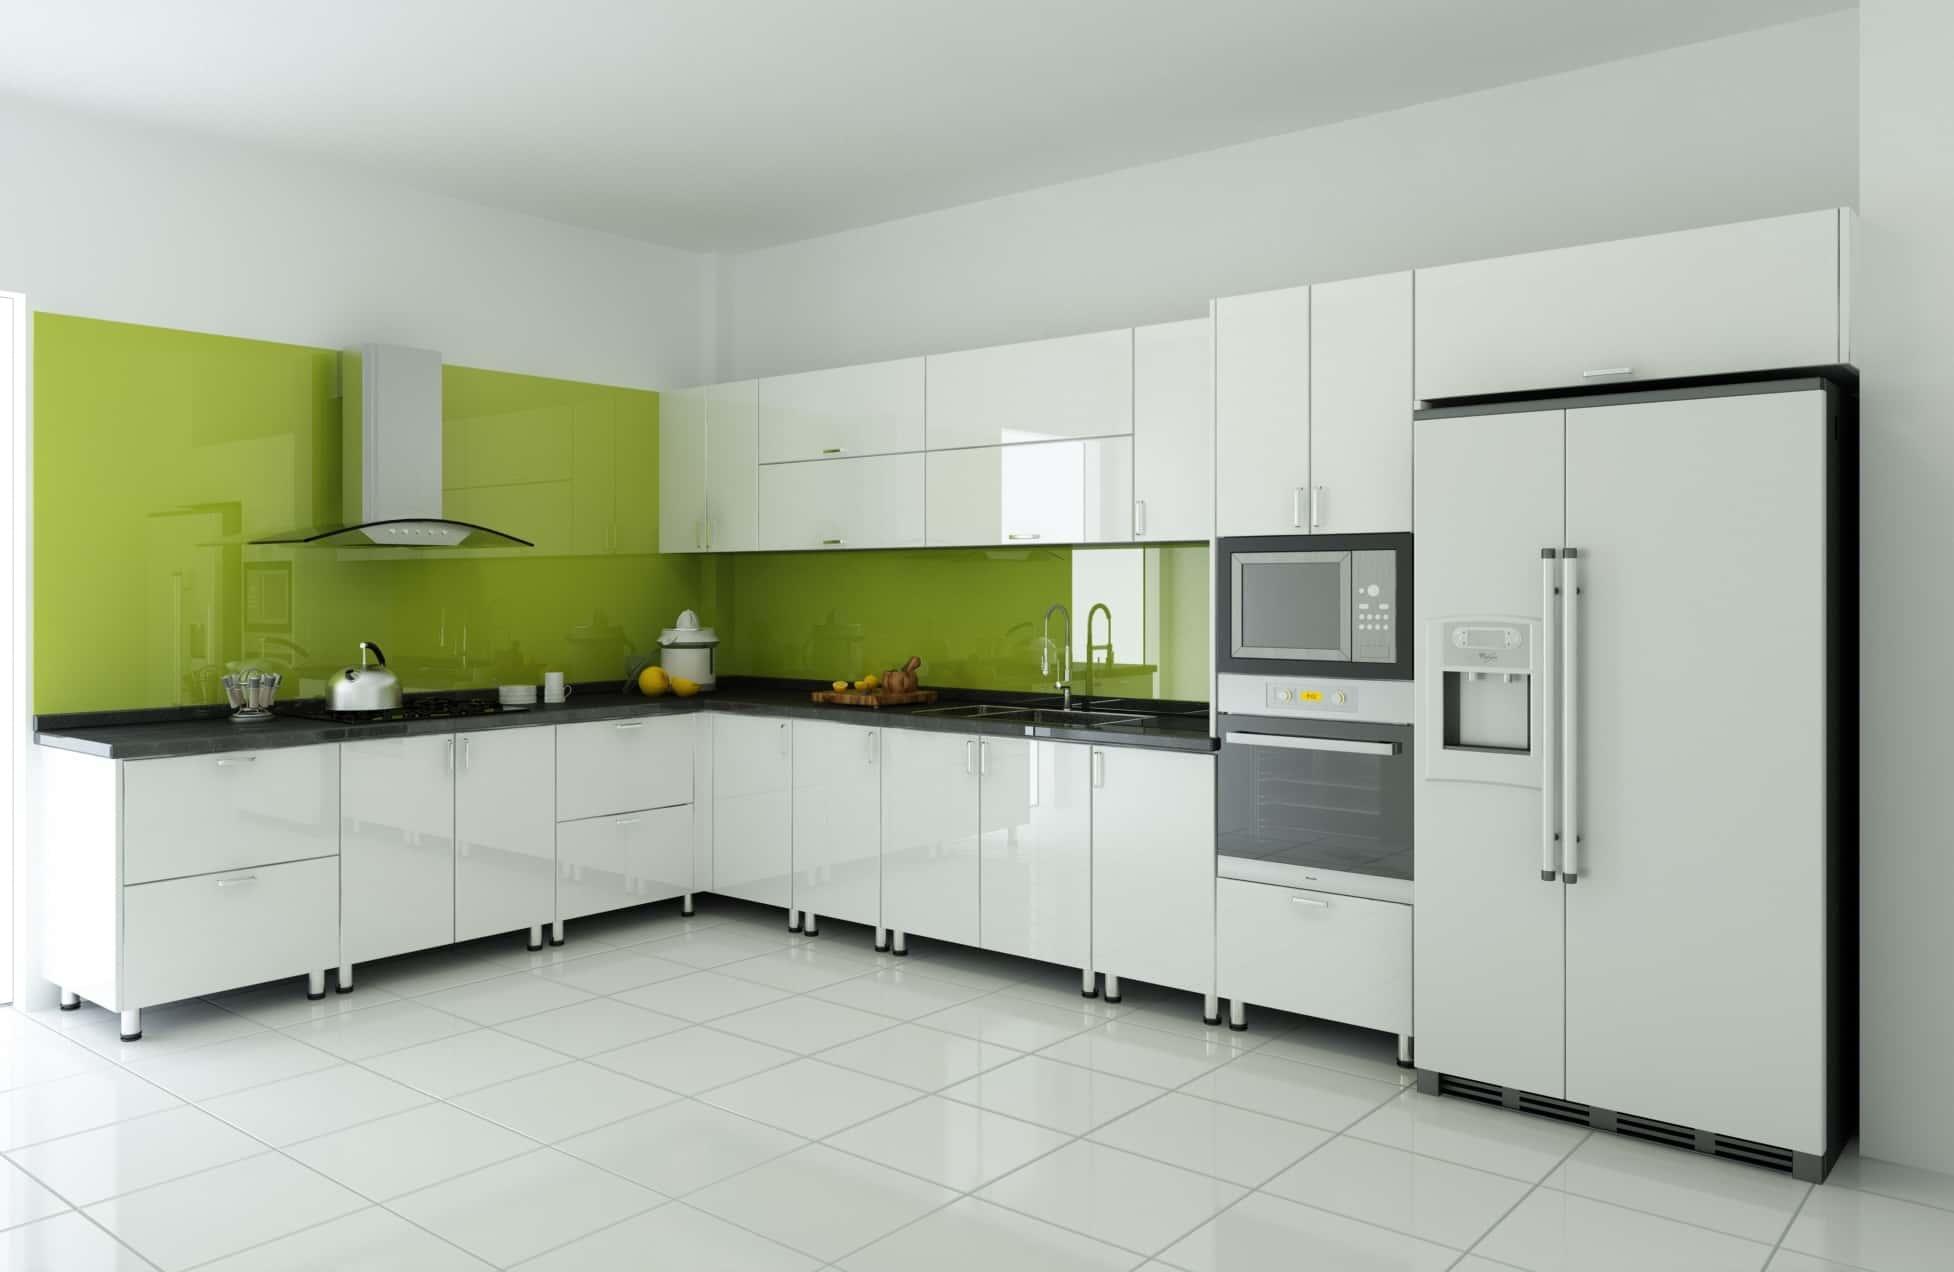 tu bep inox - Tủ bếp inox cho căn bếp hoàn hảo của bạn